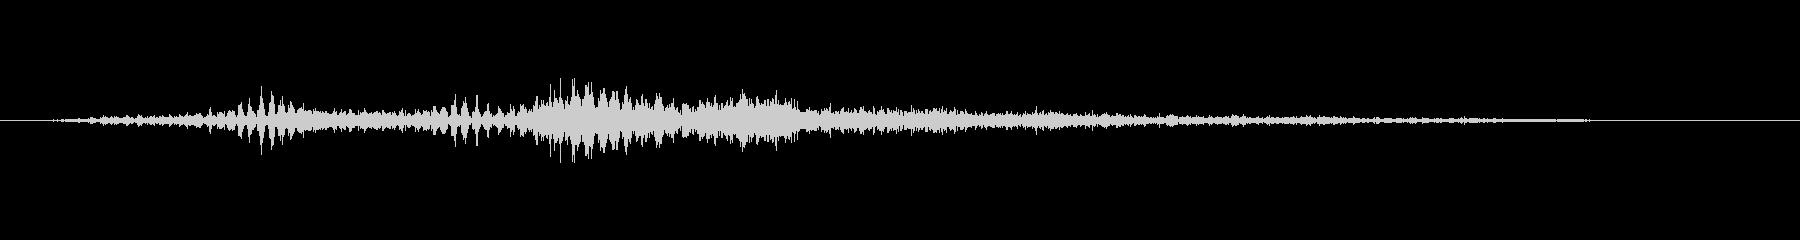 エイリアントーキング3-ビッグリバ...の未再生の波形